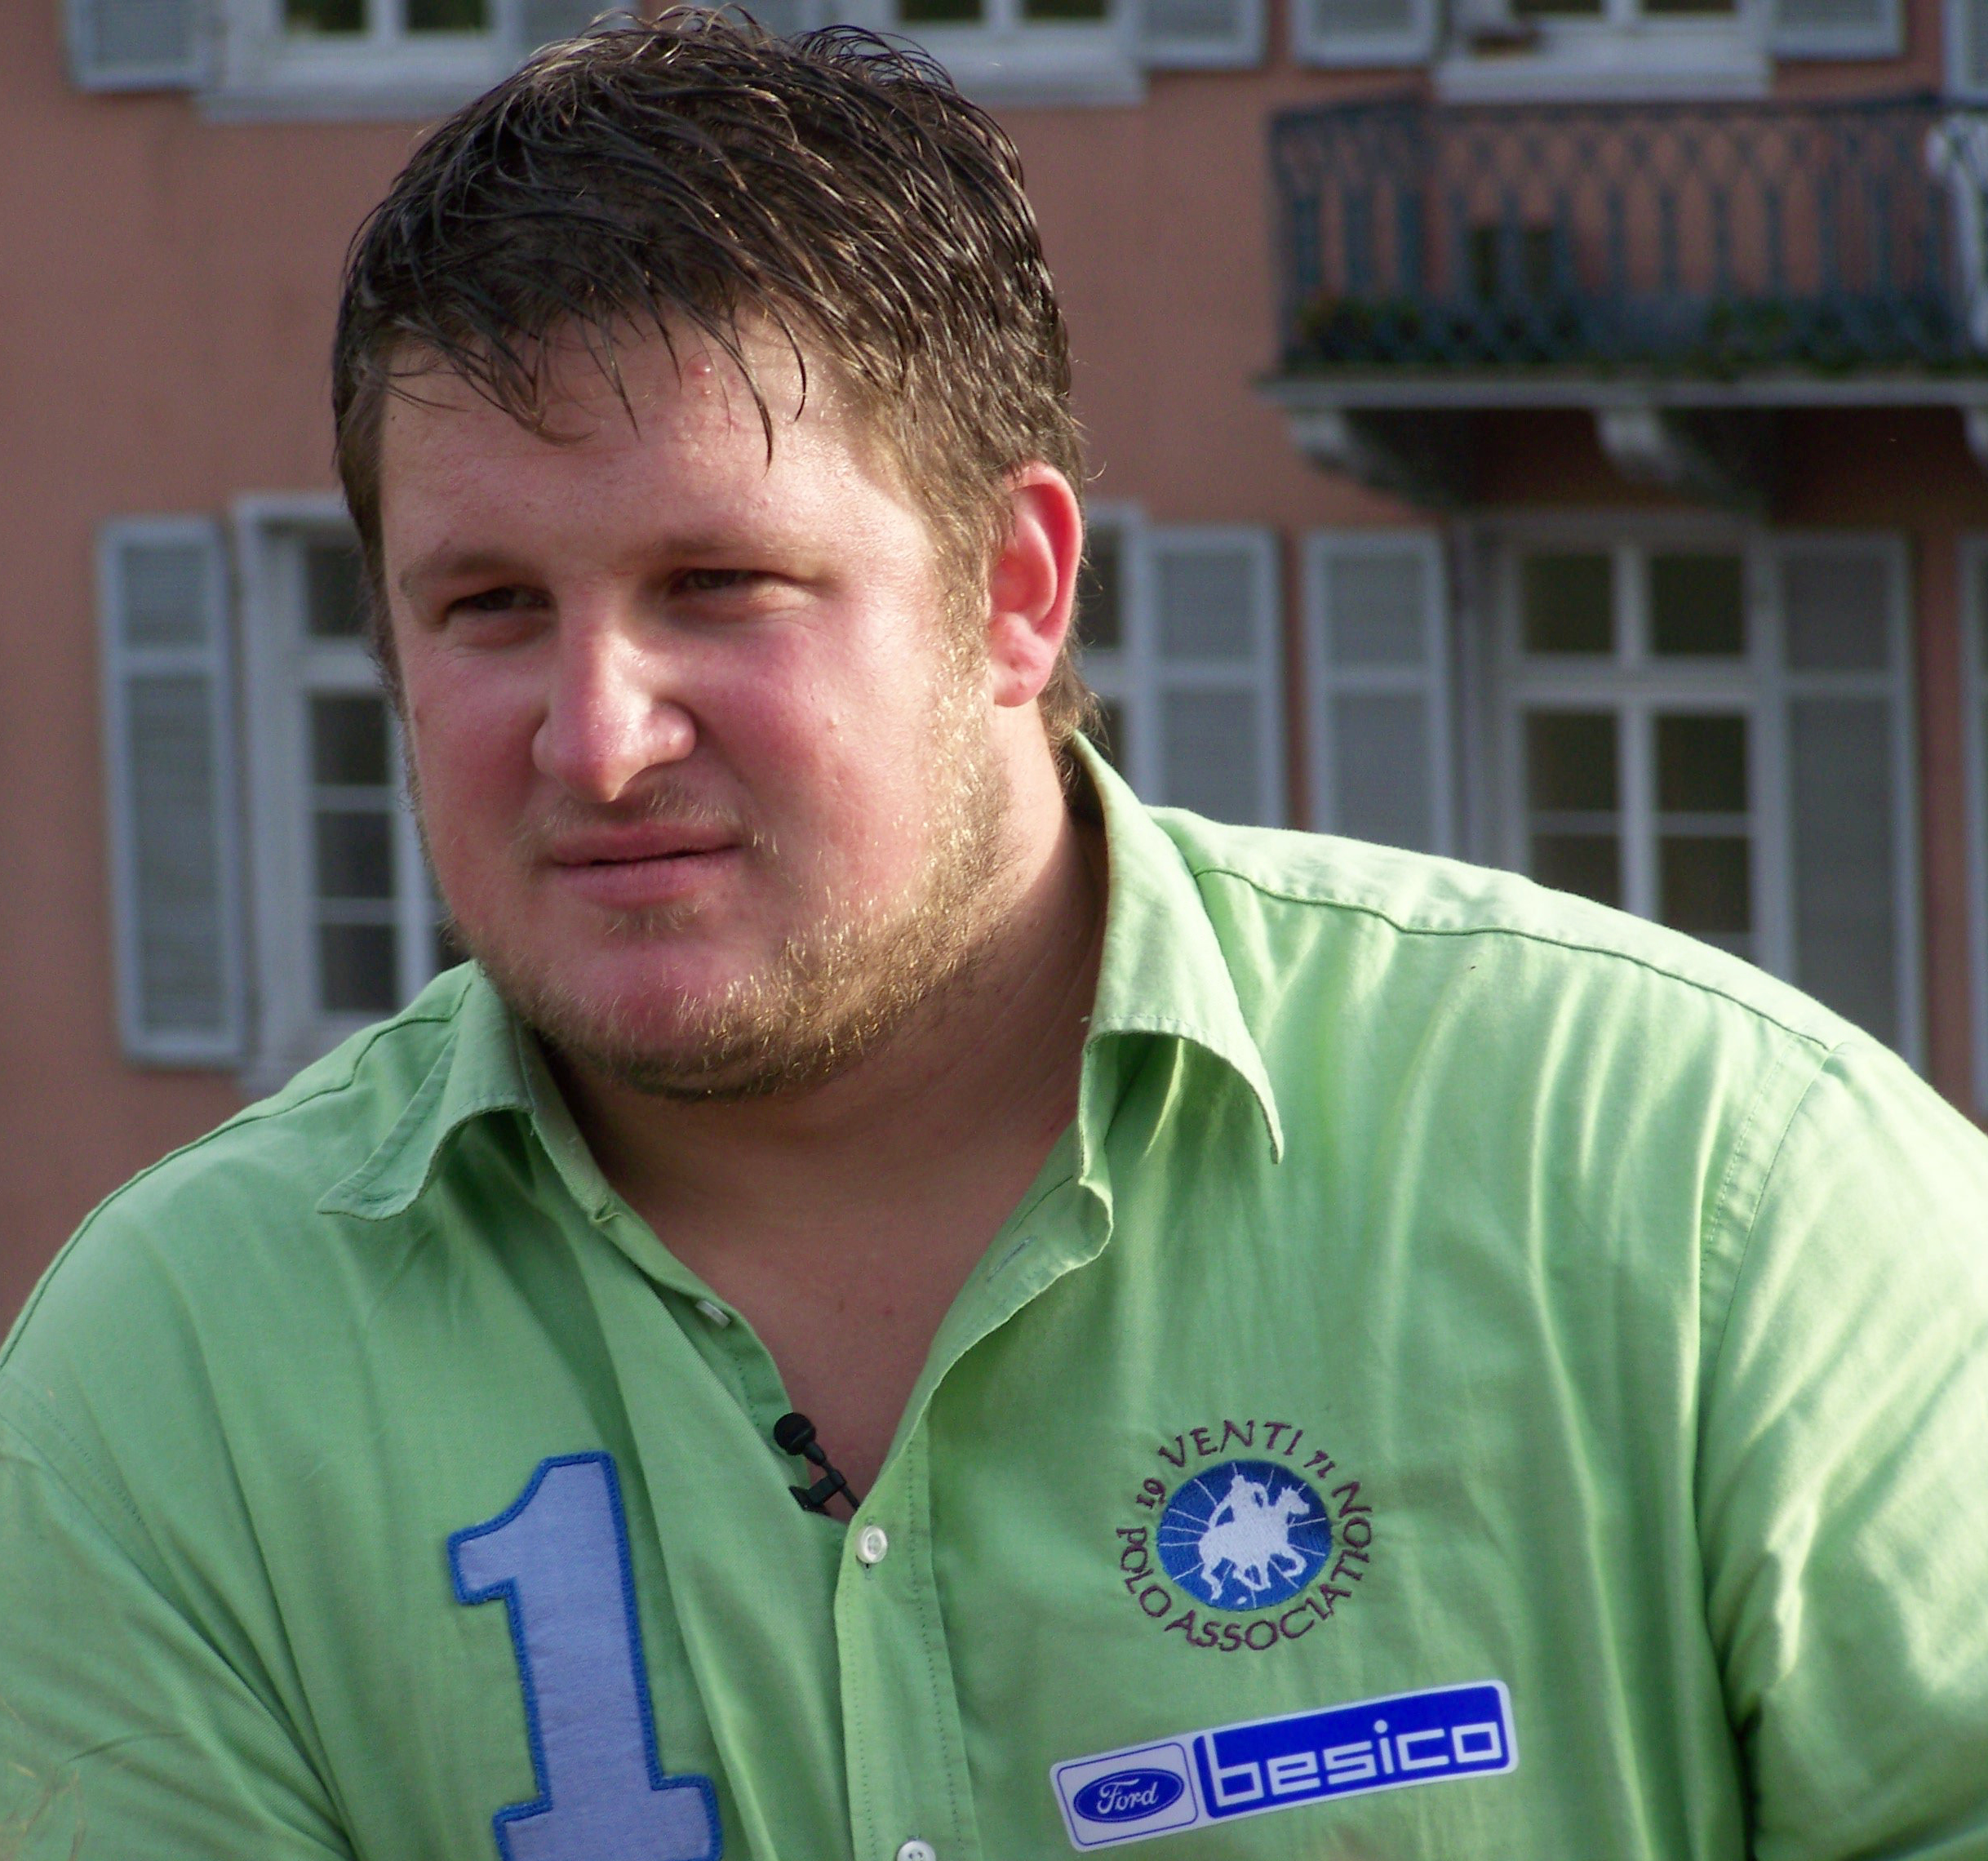 Matthias Spitzname